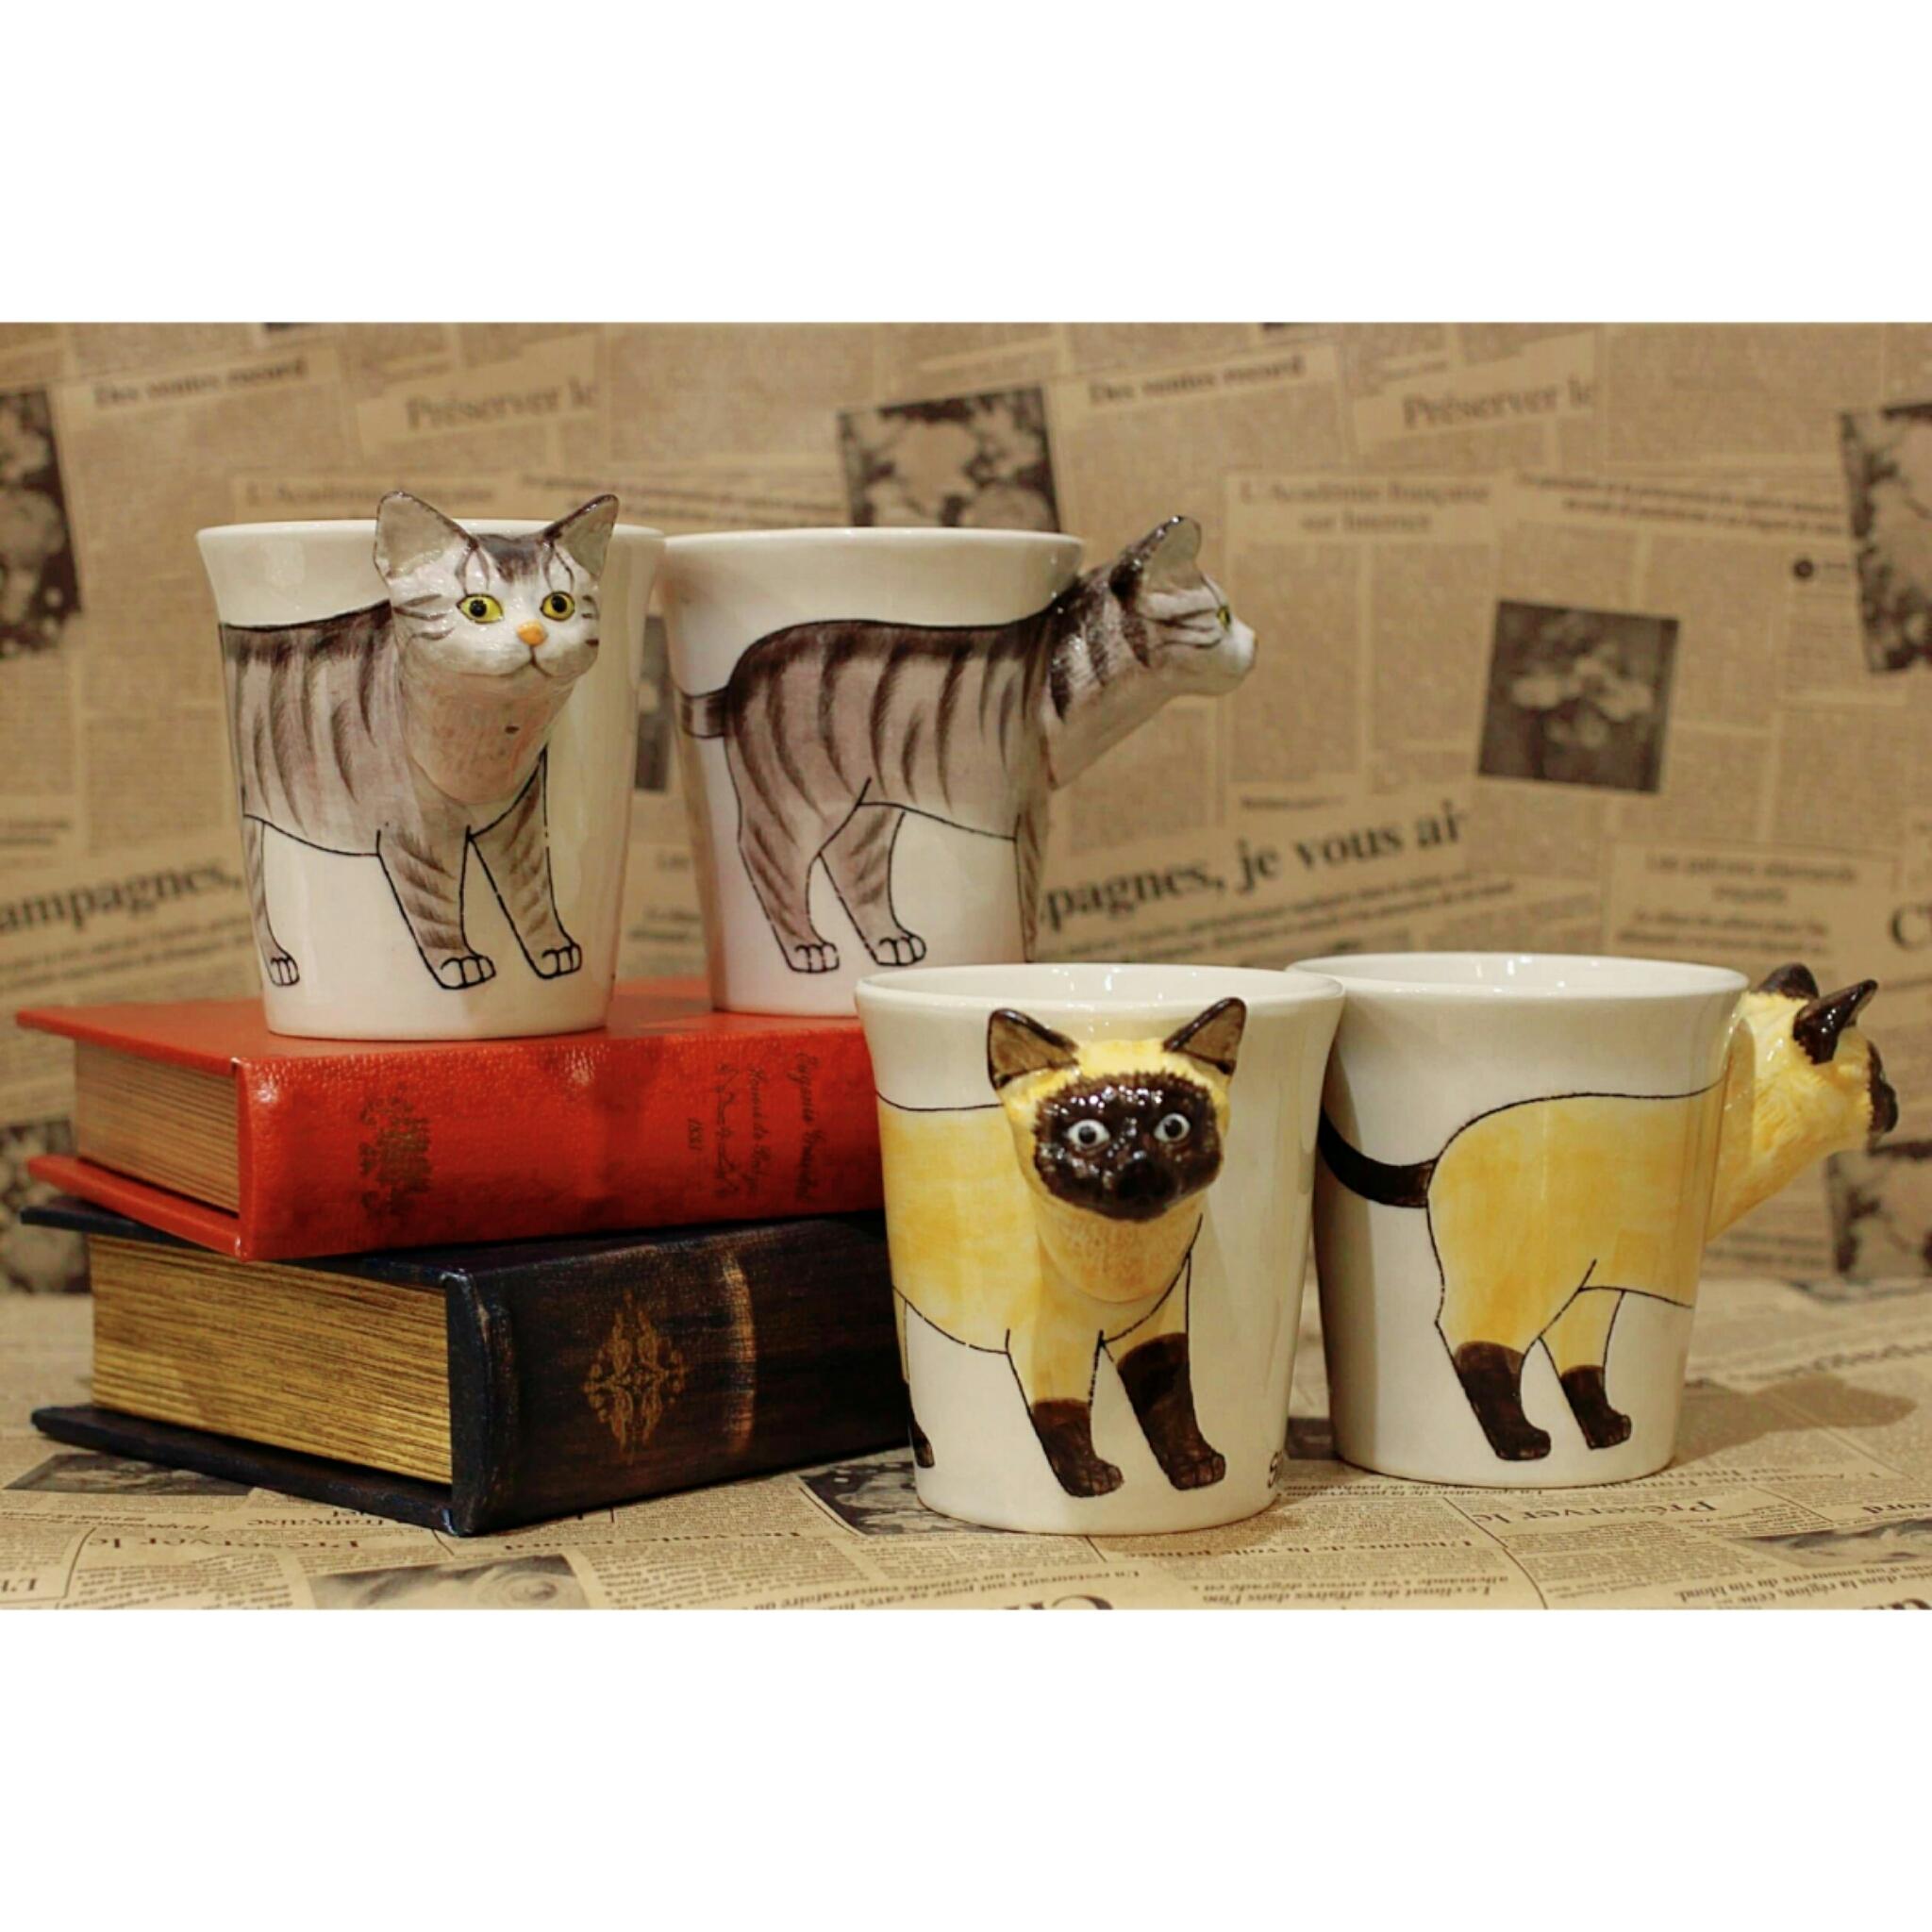 ネコのはみ出し顔のマグカップ【電子レンジ/食洗機対応】/浜松雑貨屋 C0pernicus